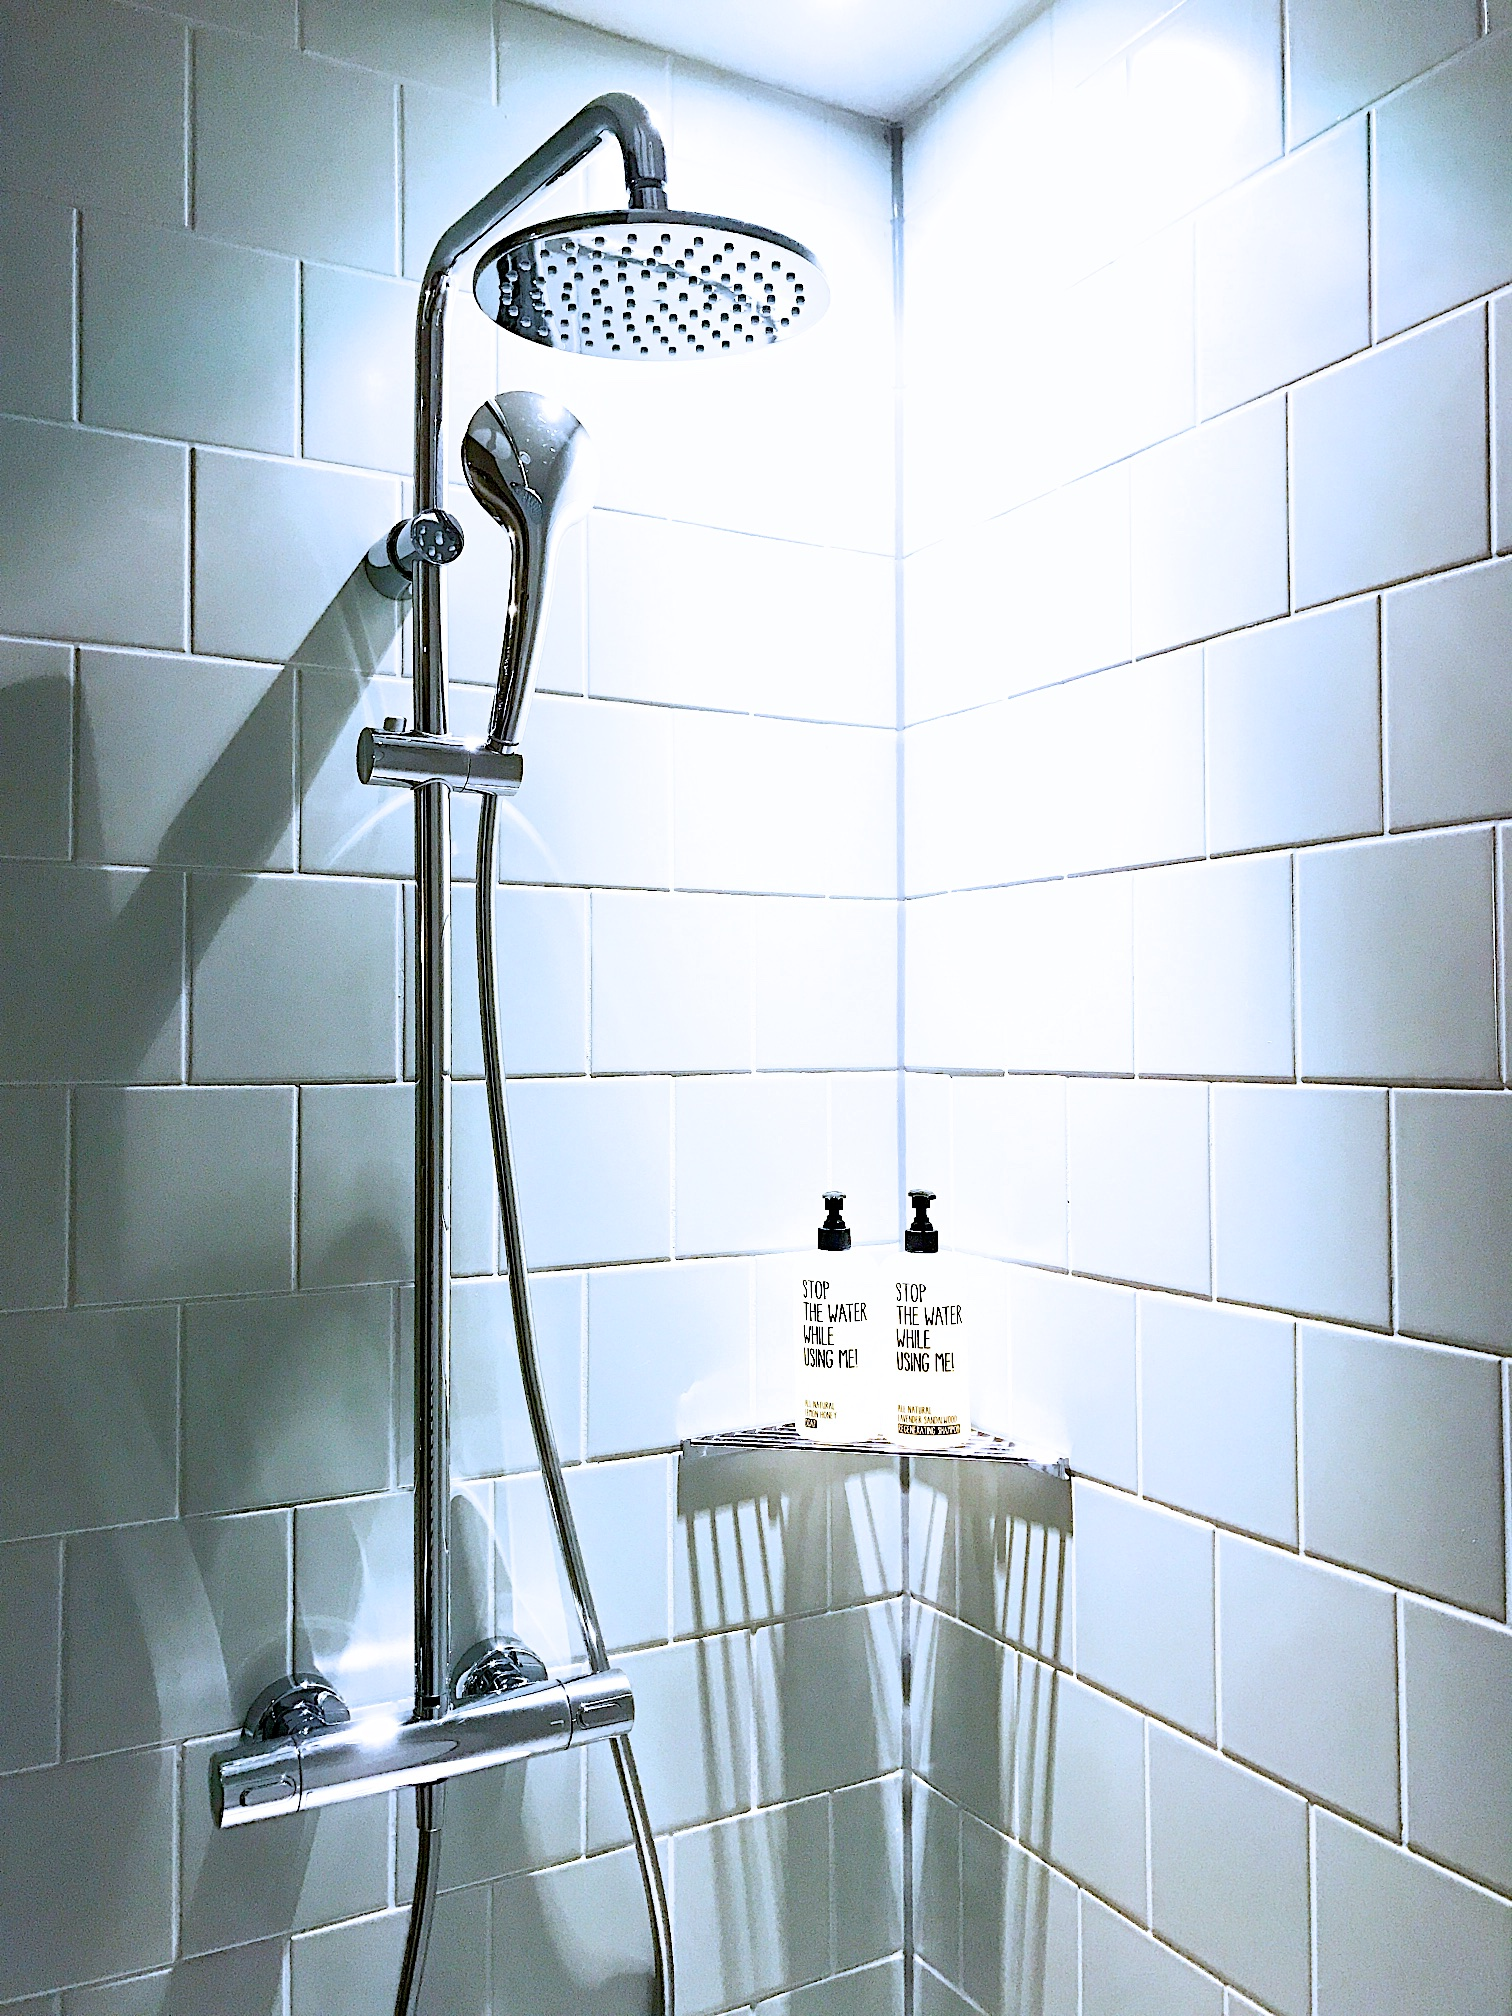 1000 Fragen zu mir selbst - Selbstfindung und Selbstfürsorge im Mama-Alltag. Die Dusche als Wellness-Ort